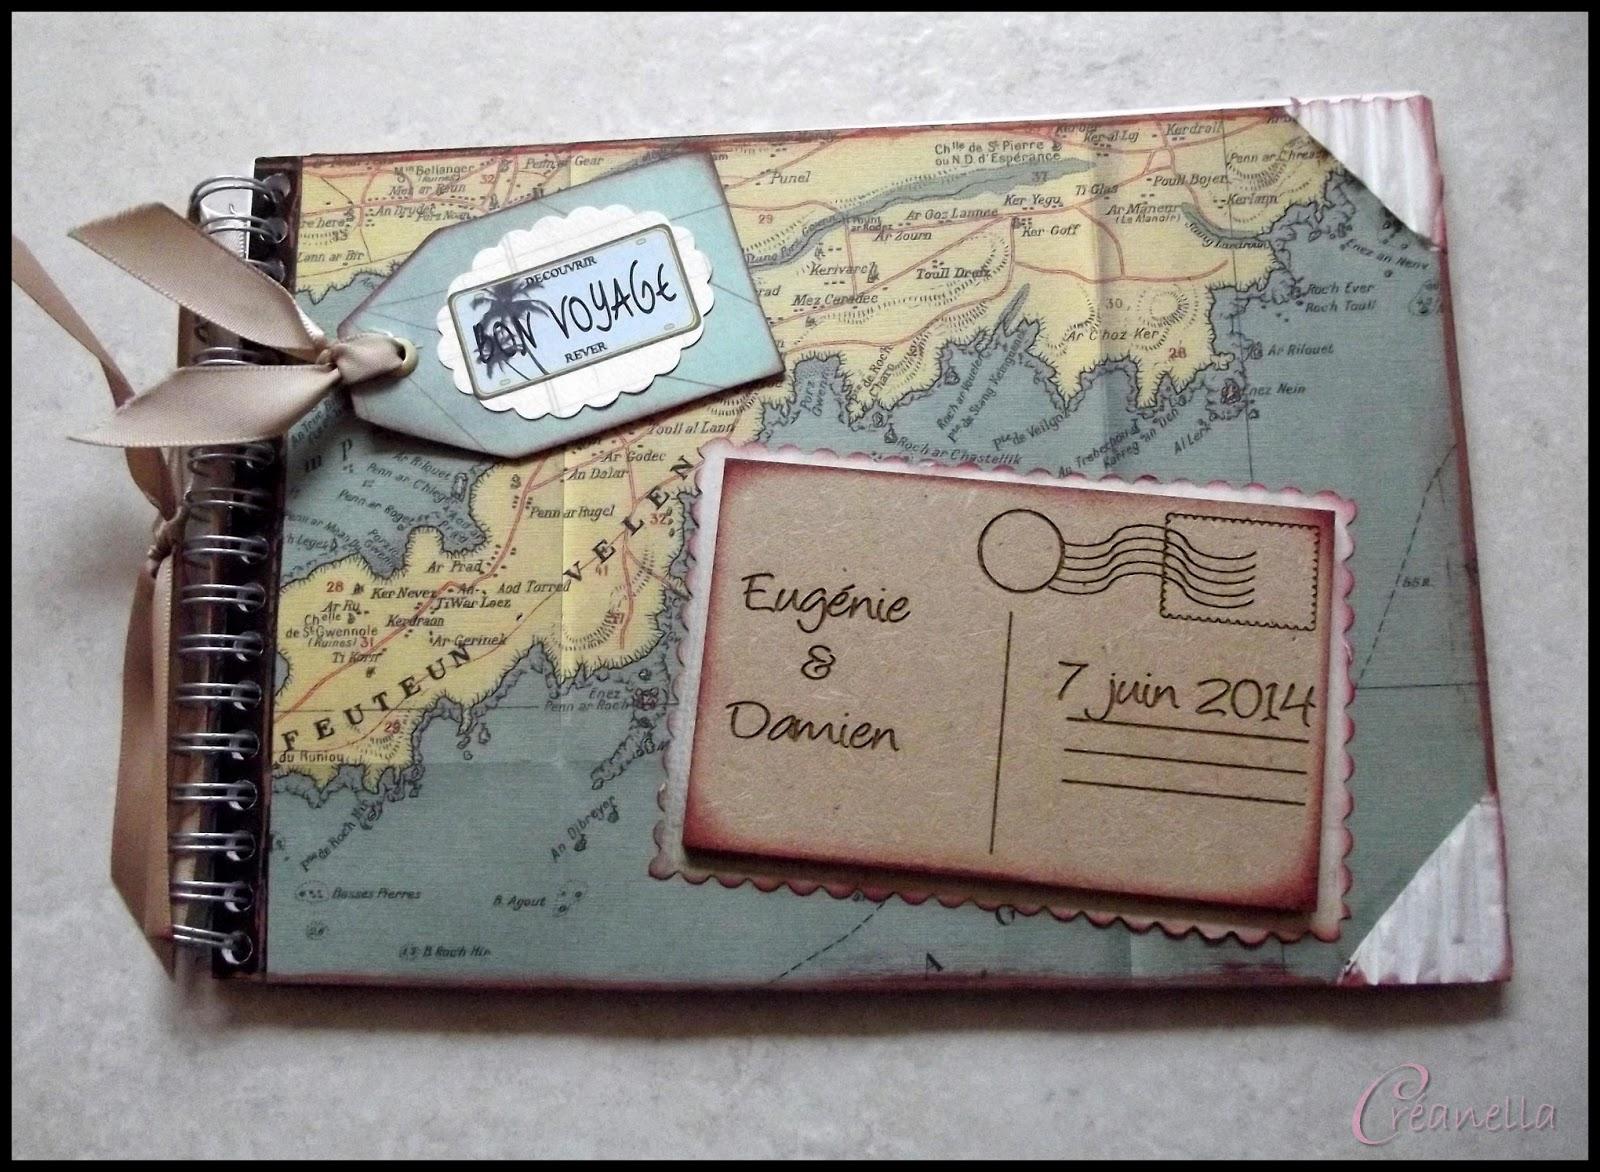 Extrêmement Créanella atelier créatif: Livre d'or thème voyage LV72